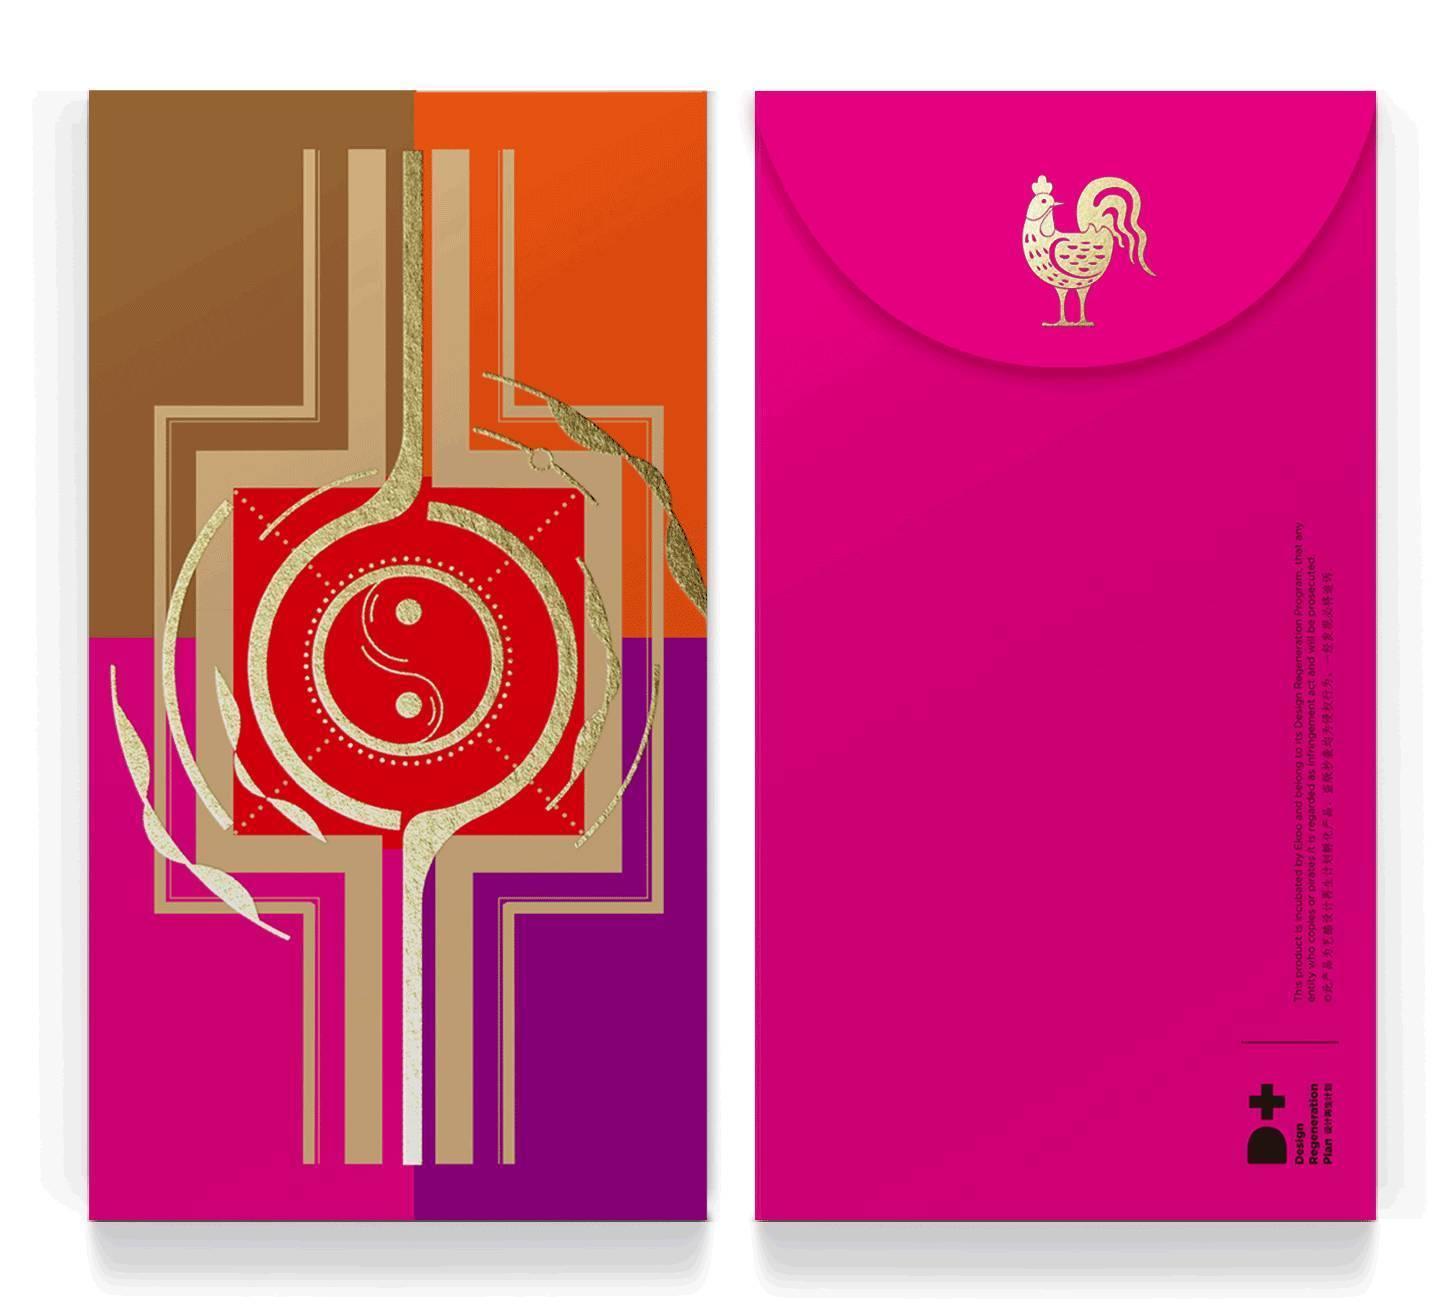 中国各省设计师搞出的34个红包袋,福建一般,湖南卖